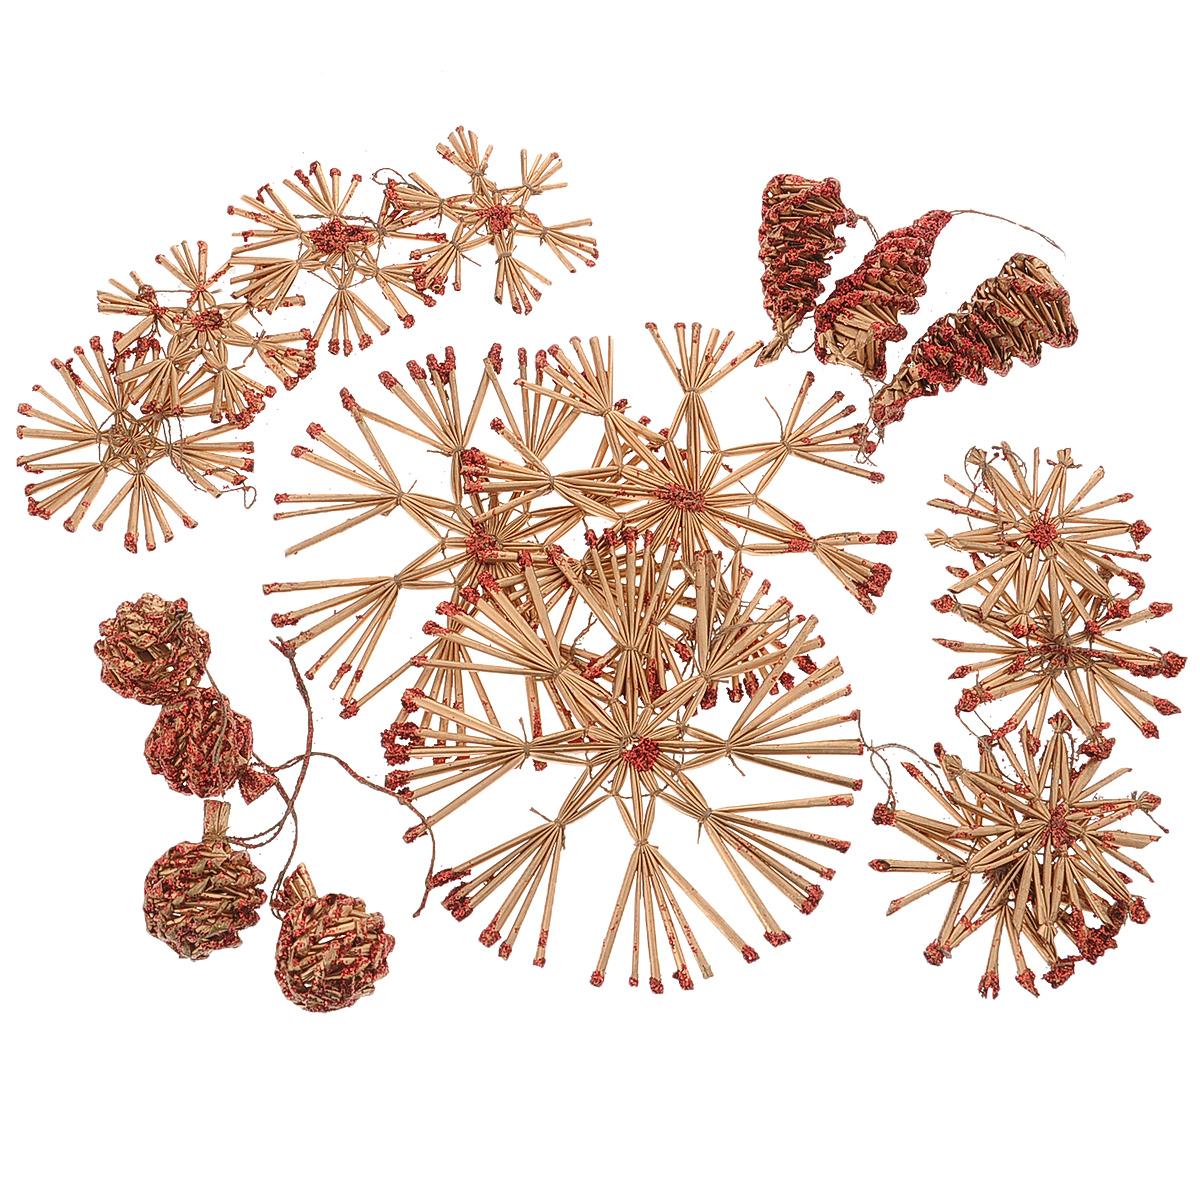 Набор новогодних подвесных украшений Снежинка, цвет: золотистый, красный, 18 предметов. 3468334683Набор новогодних подвесных украшений Снежинка изготовленный из соломки, украсит интерьер вашего дома или офиса в преддверии Нового года. Оригинальный дизайн и красочное исполнение создадут праздничное настроение. Набор состоит из фигурок снежинок, елок и шишек. Предметы набора покрыты лаком и украшены блестками. Украшения из натуральной соломы сейчас находятся на пике моды. Но мало кто знает, что на самом деле модное веяние является ничем иным, как хорошо забытым атрибутом рождественских праздников стран раннехристианской Европы. Солома напоминала о яслях, в которых лежал младенец Иисус - из нее мастерили праздничных куколок, короны, пирамиды и просто рассыпали по полу.Коллекция декоративных украшений из серии Magic Time принесет в ваш дом ни с чем не сравнимое ощущение волшебства!